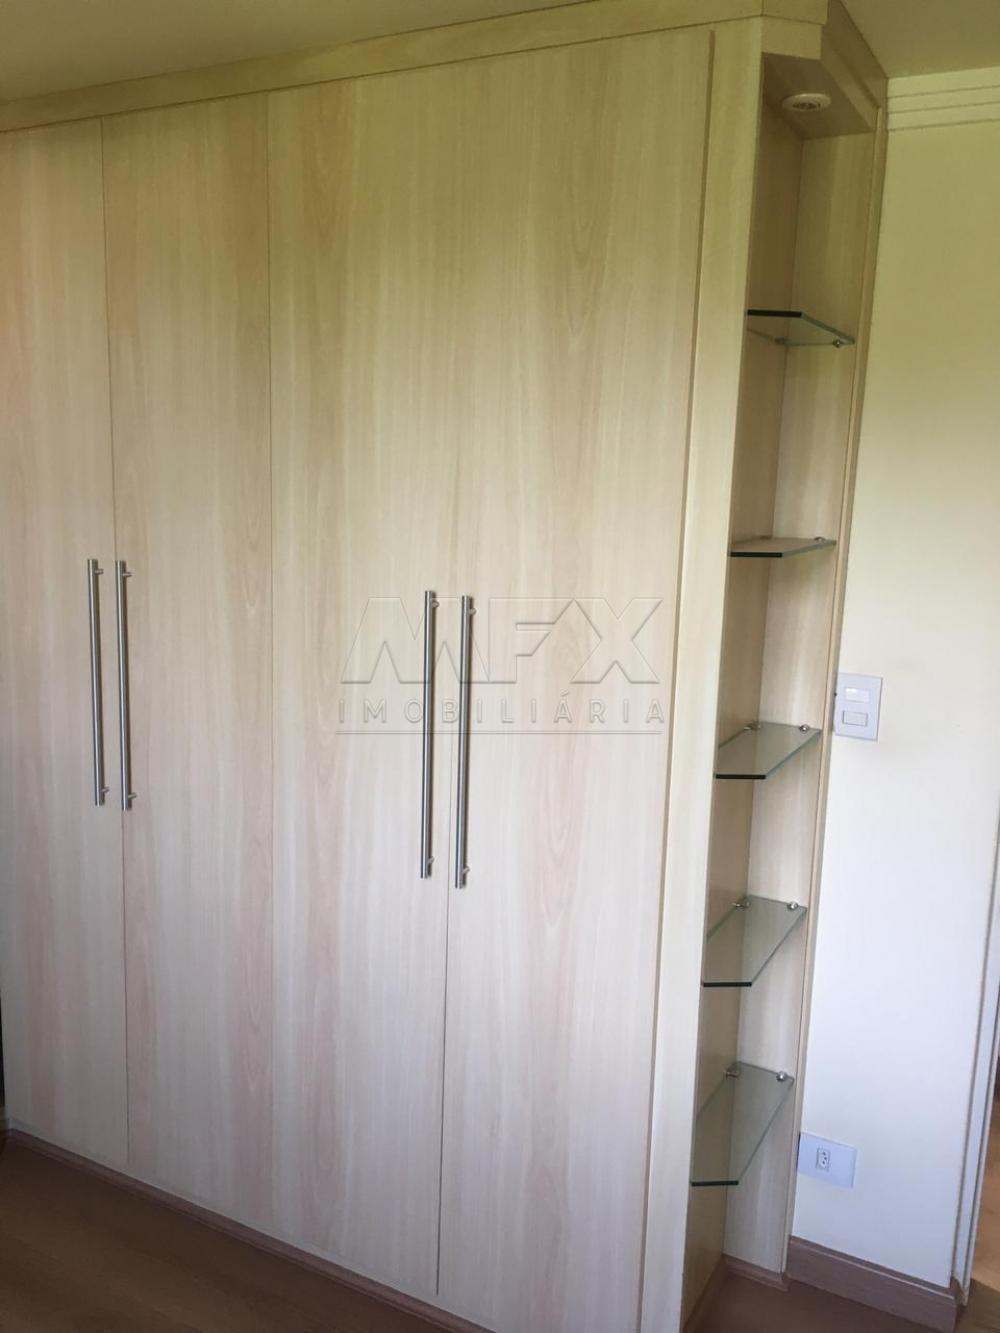 Comprar Apartamento / Padrão em Bauru R$ 170.000,00 - Foto 10